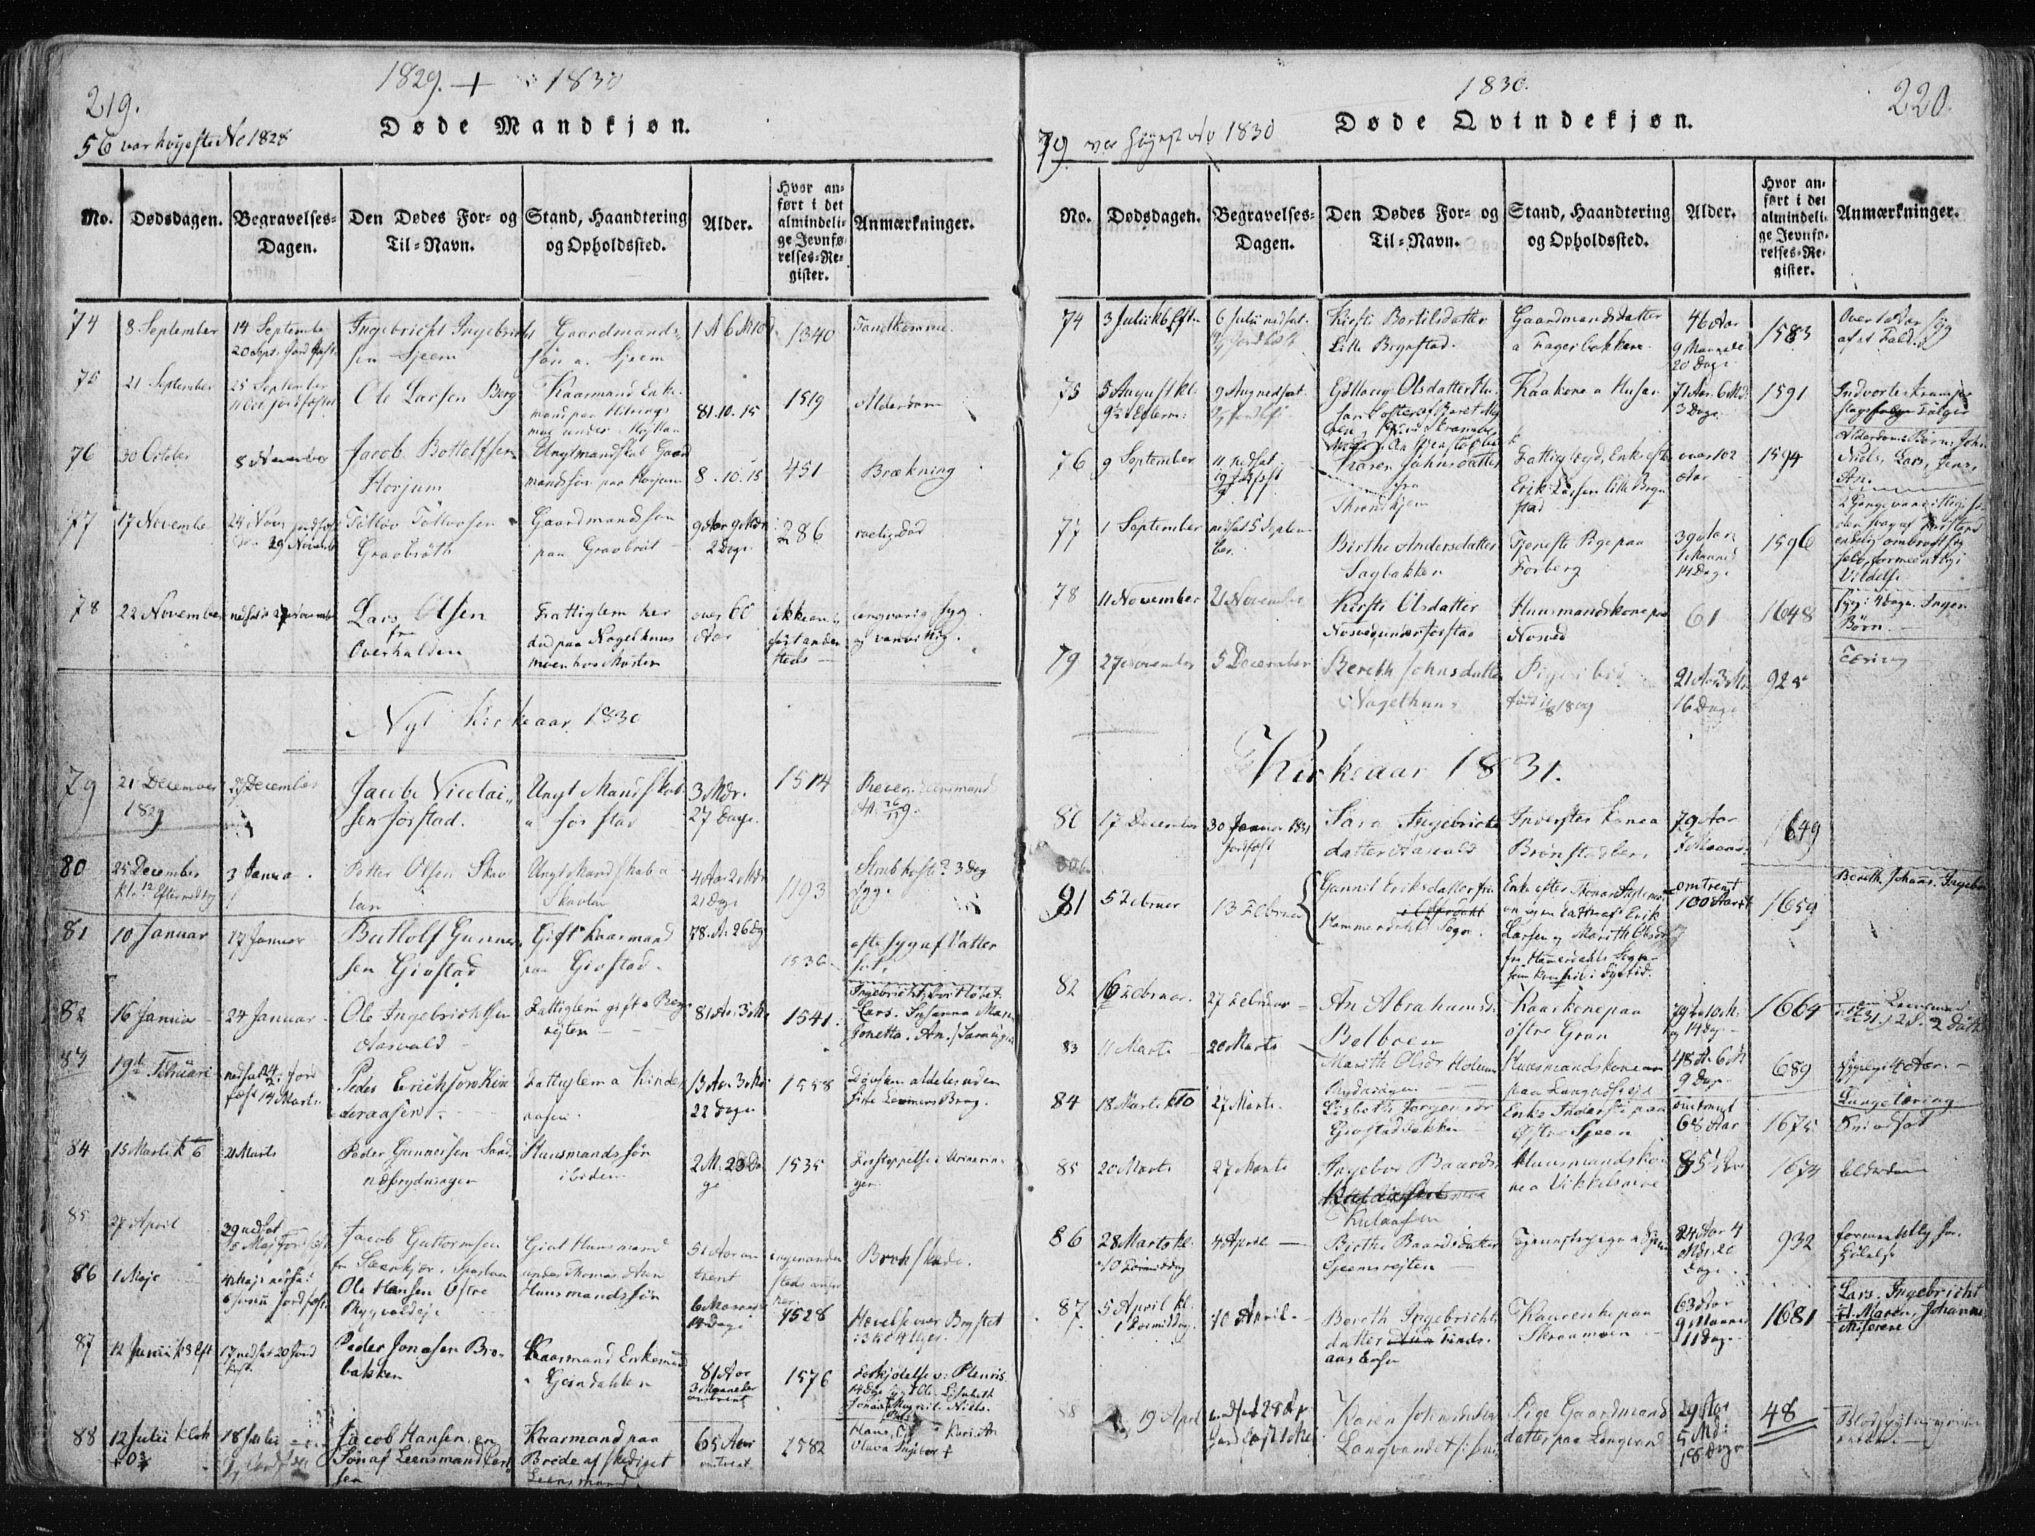 SAT, Ministerialprotokoller, klokkerbøker og fødselsregistre - Nord-Trøndelag, 749/L0469: Ministerialbok nr. 749A03, 1817-1857, s. 219-220